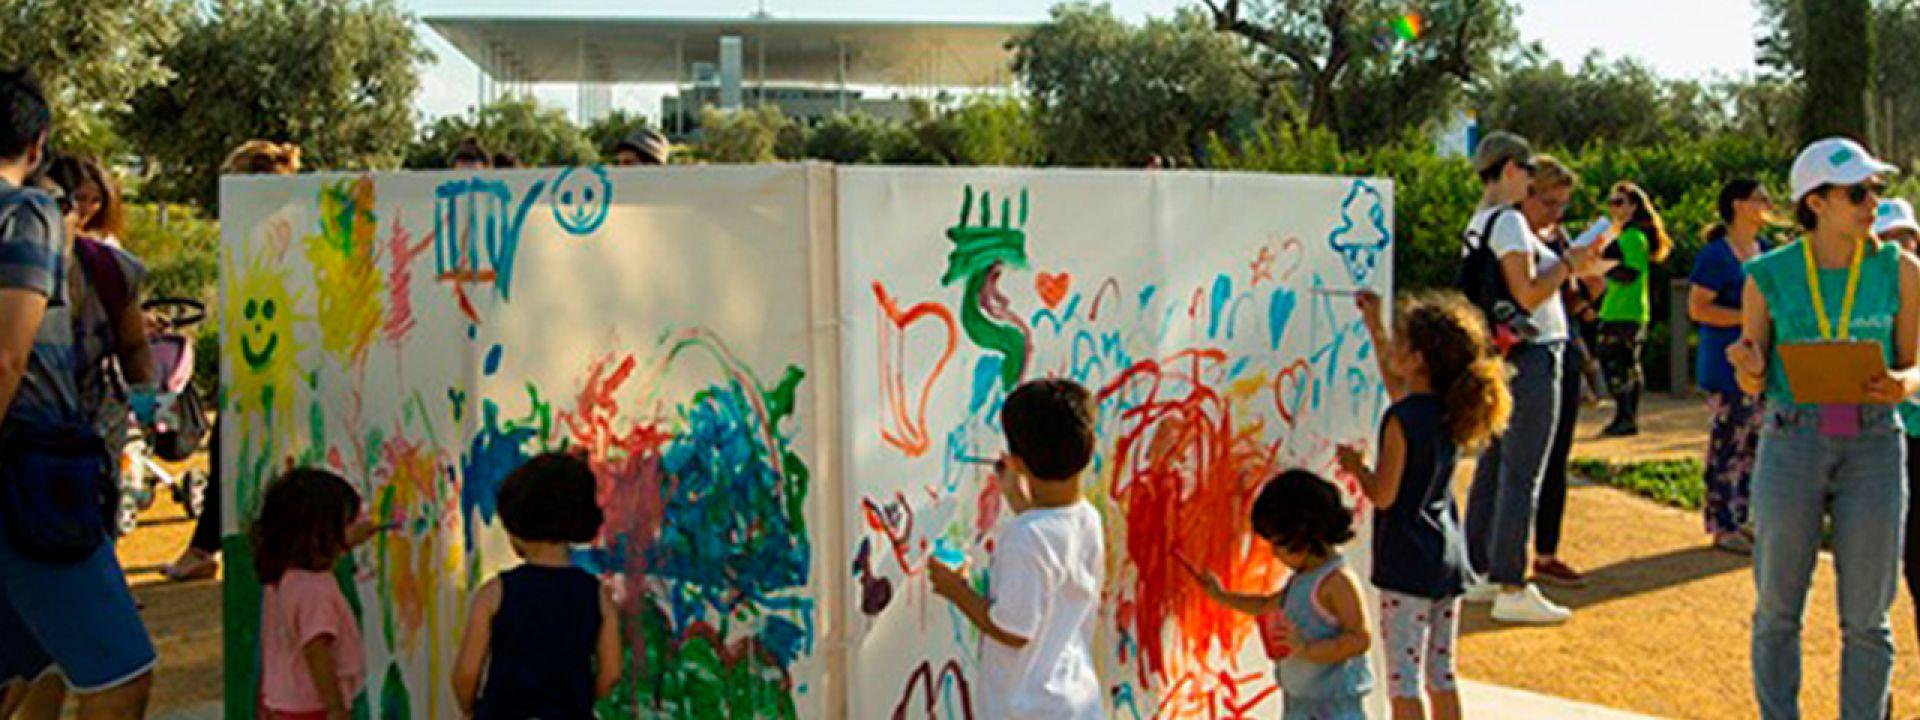 Φωτογραφία απο παιδιά που ζωγραφίζουν